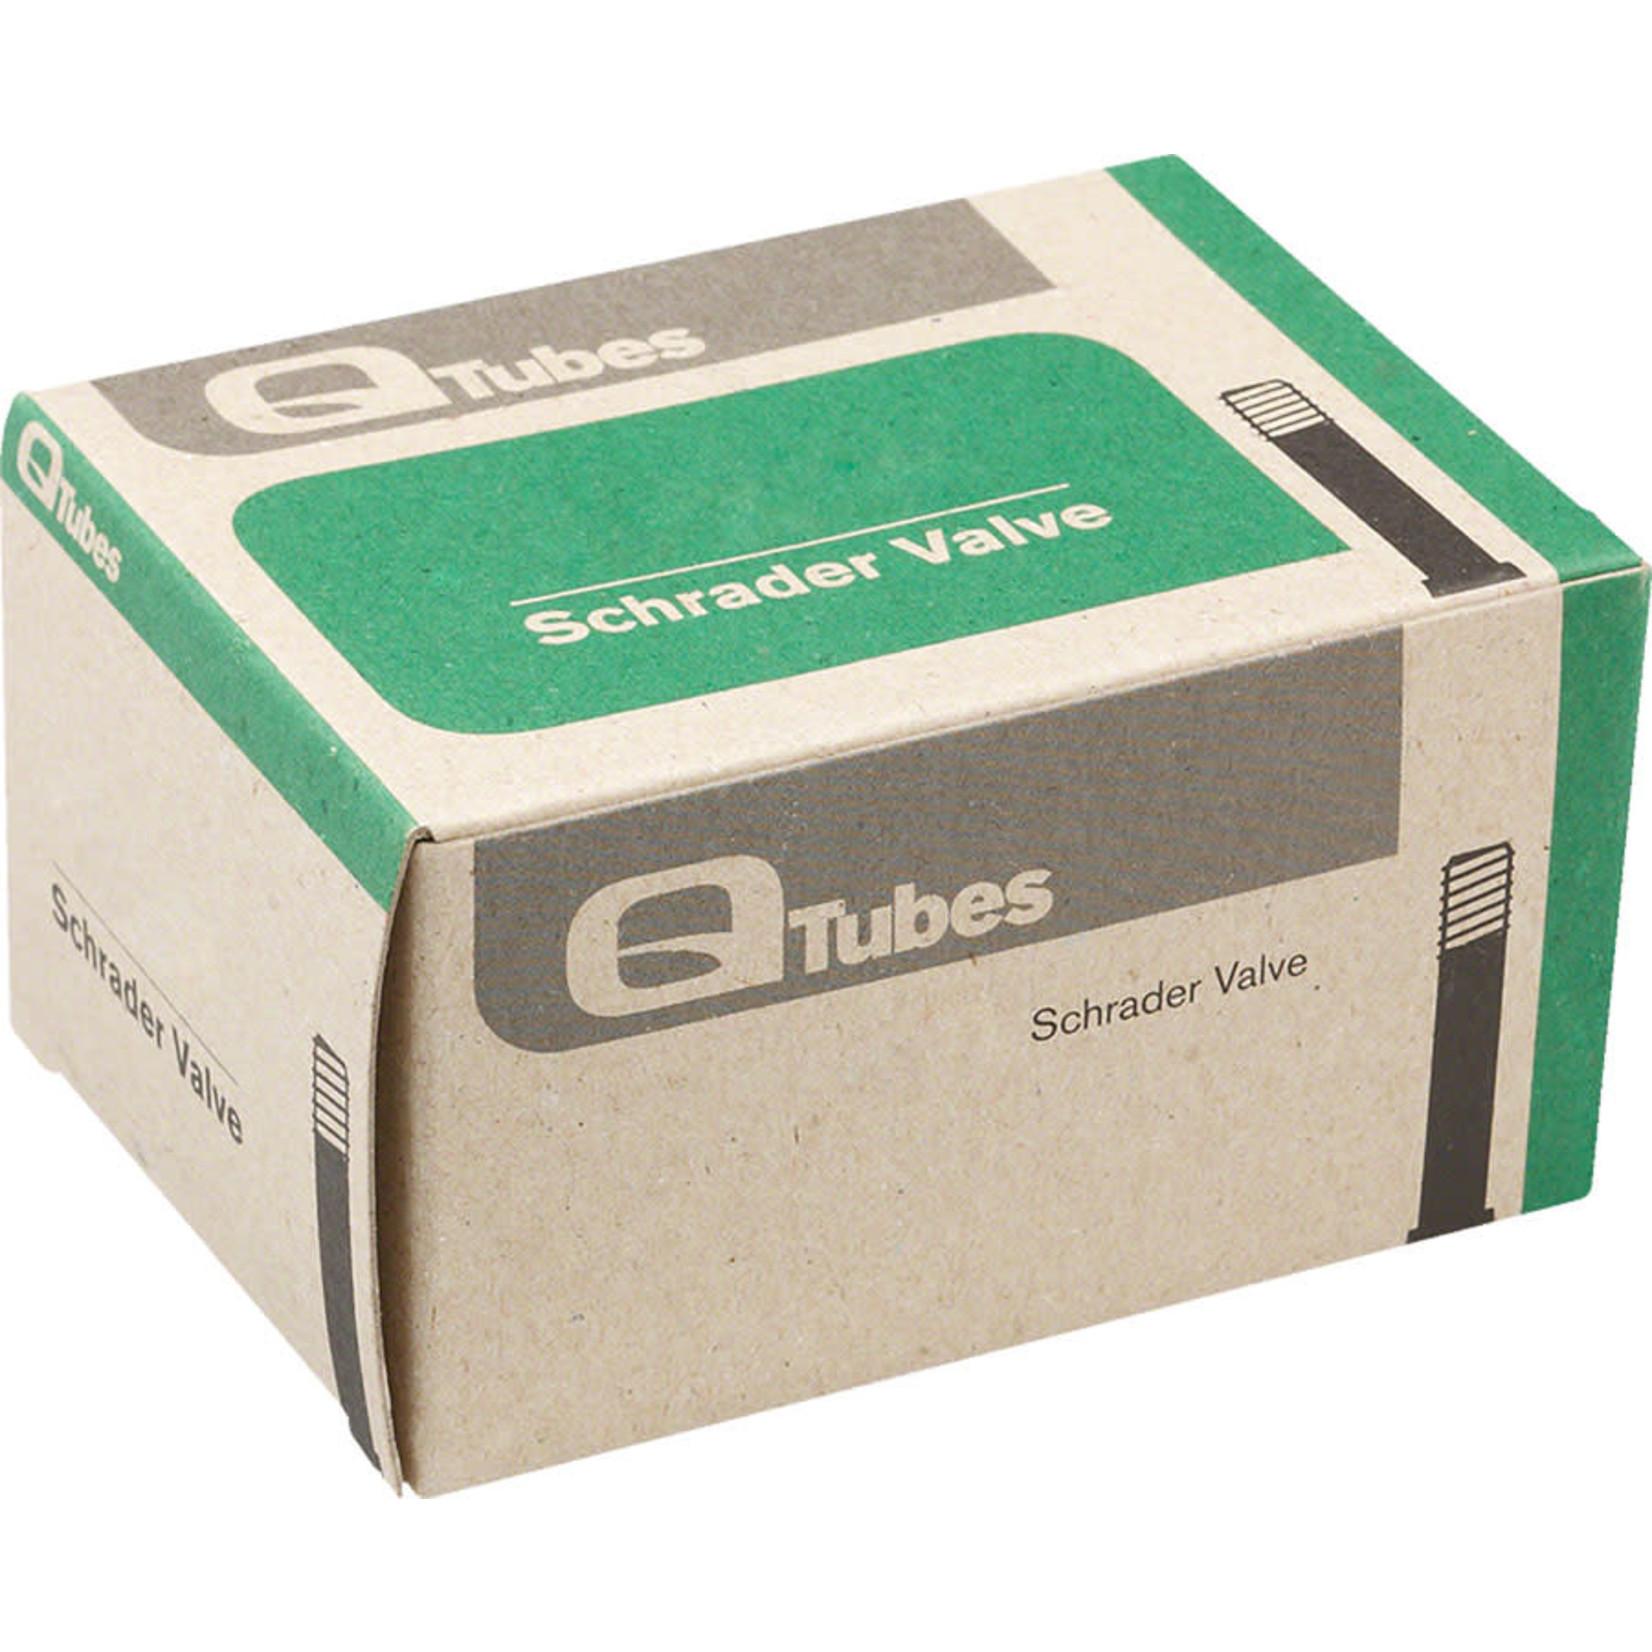 """Q-Tubes Q-Tubes 700c x 28-32mm Schrader Valve Tube 128g (27 x 1-1/4"""")"""